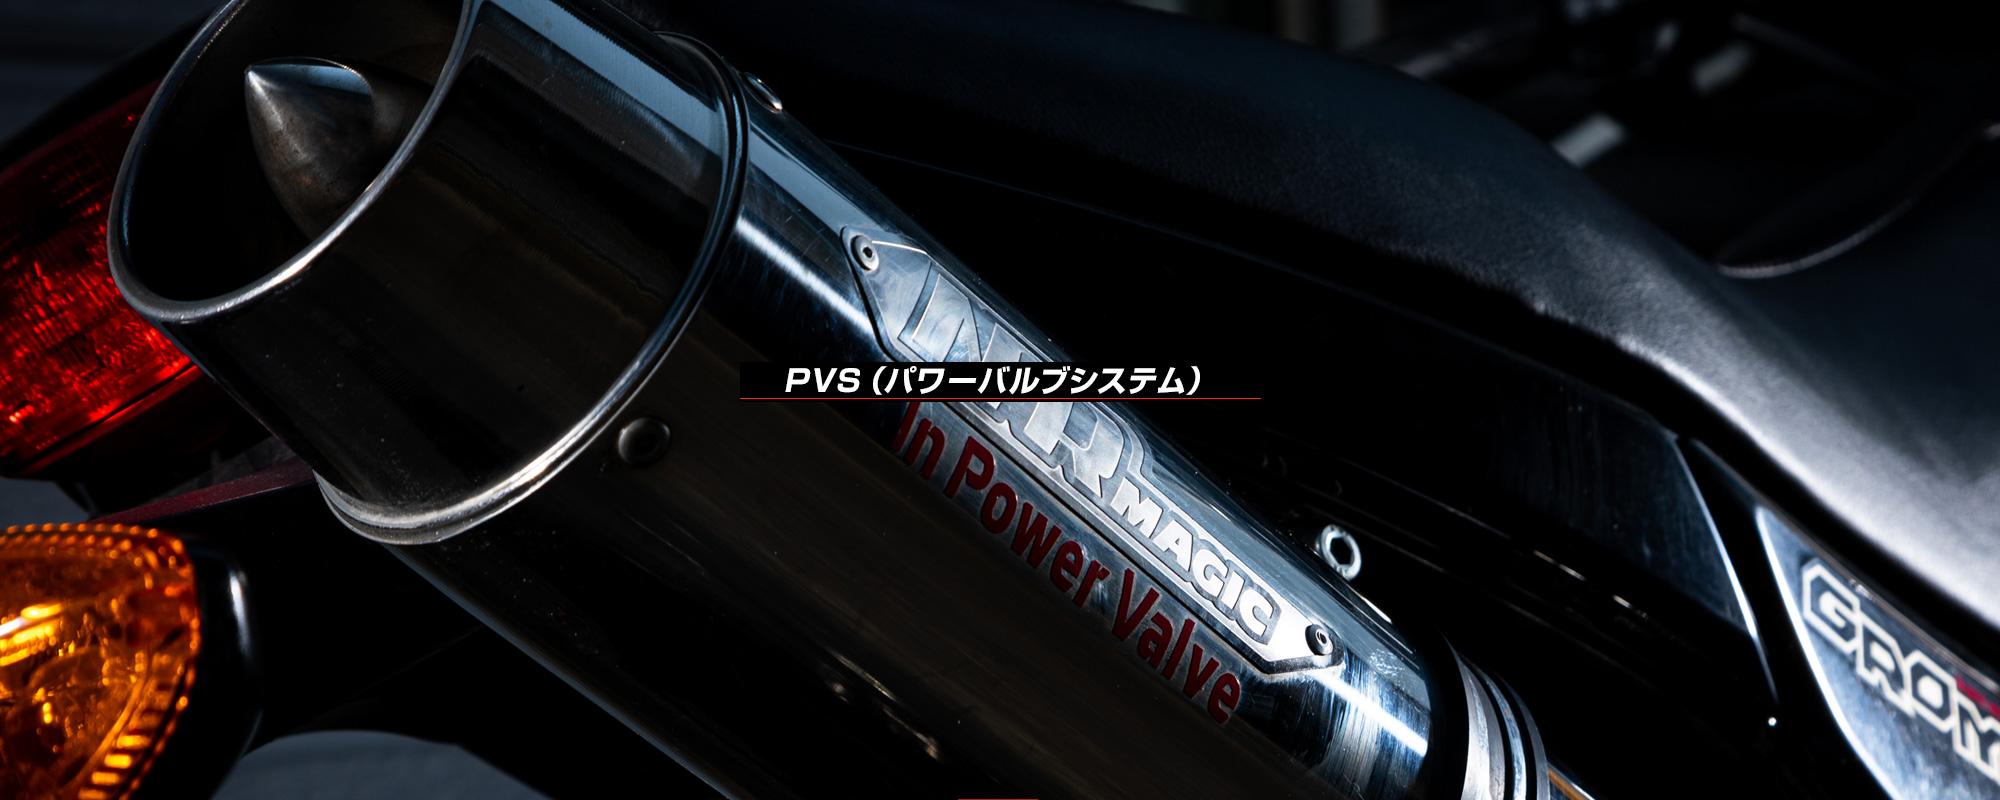 PVS(パワーバルブシステム)